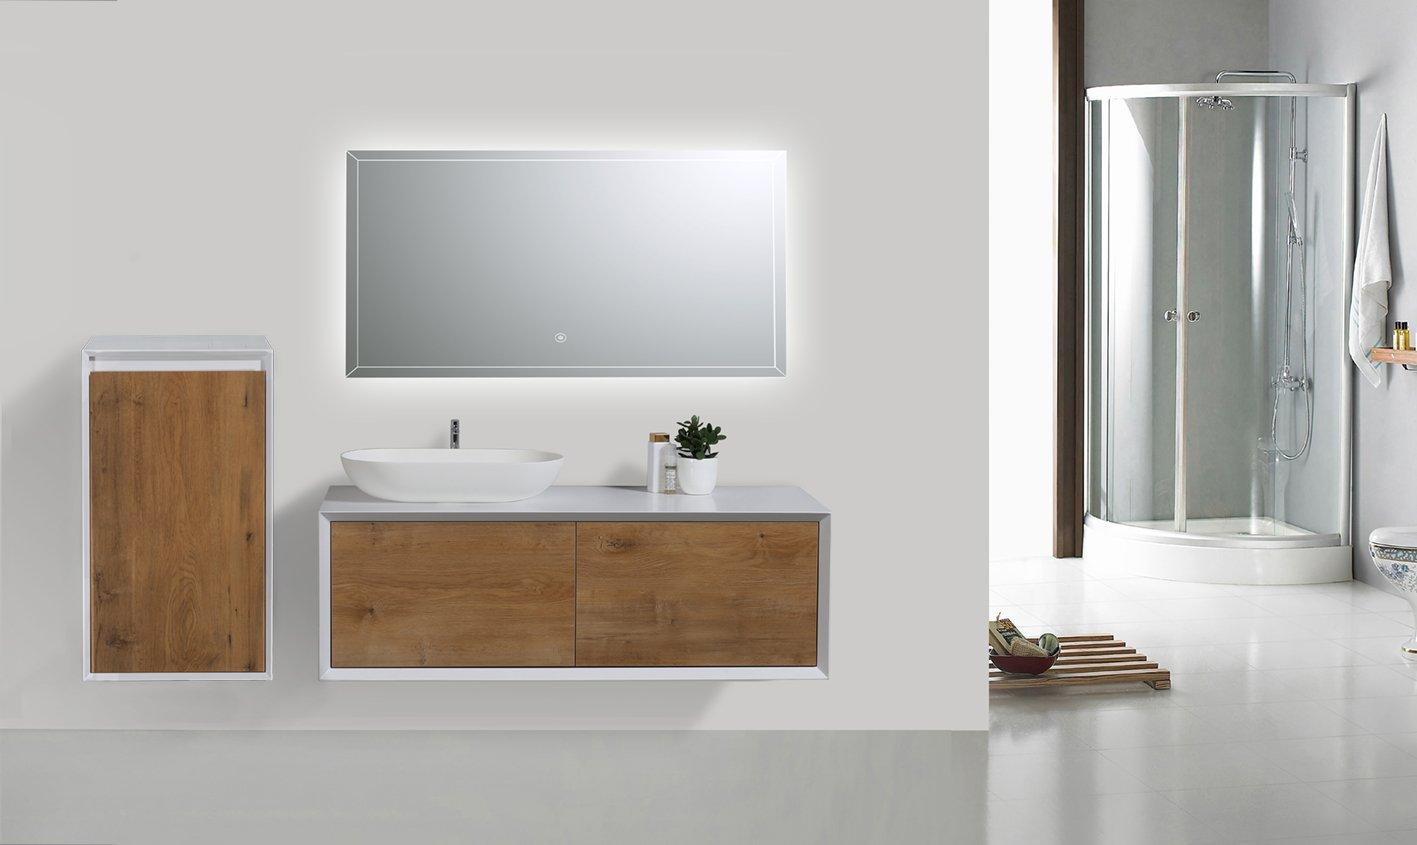 Badmöbel Fiona 1200 Weiß matt - Front Beton- oder Eiche-Optik - Seitenschrank, Waschbecken und Spiegel optional